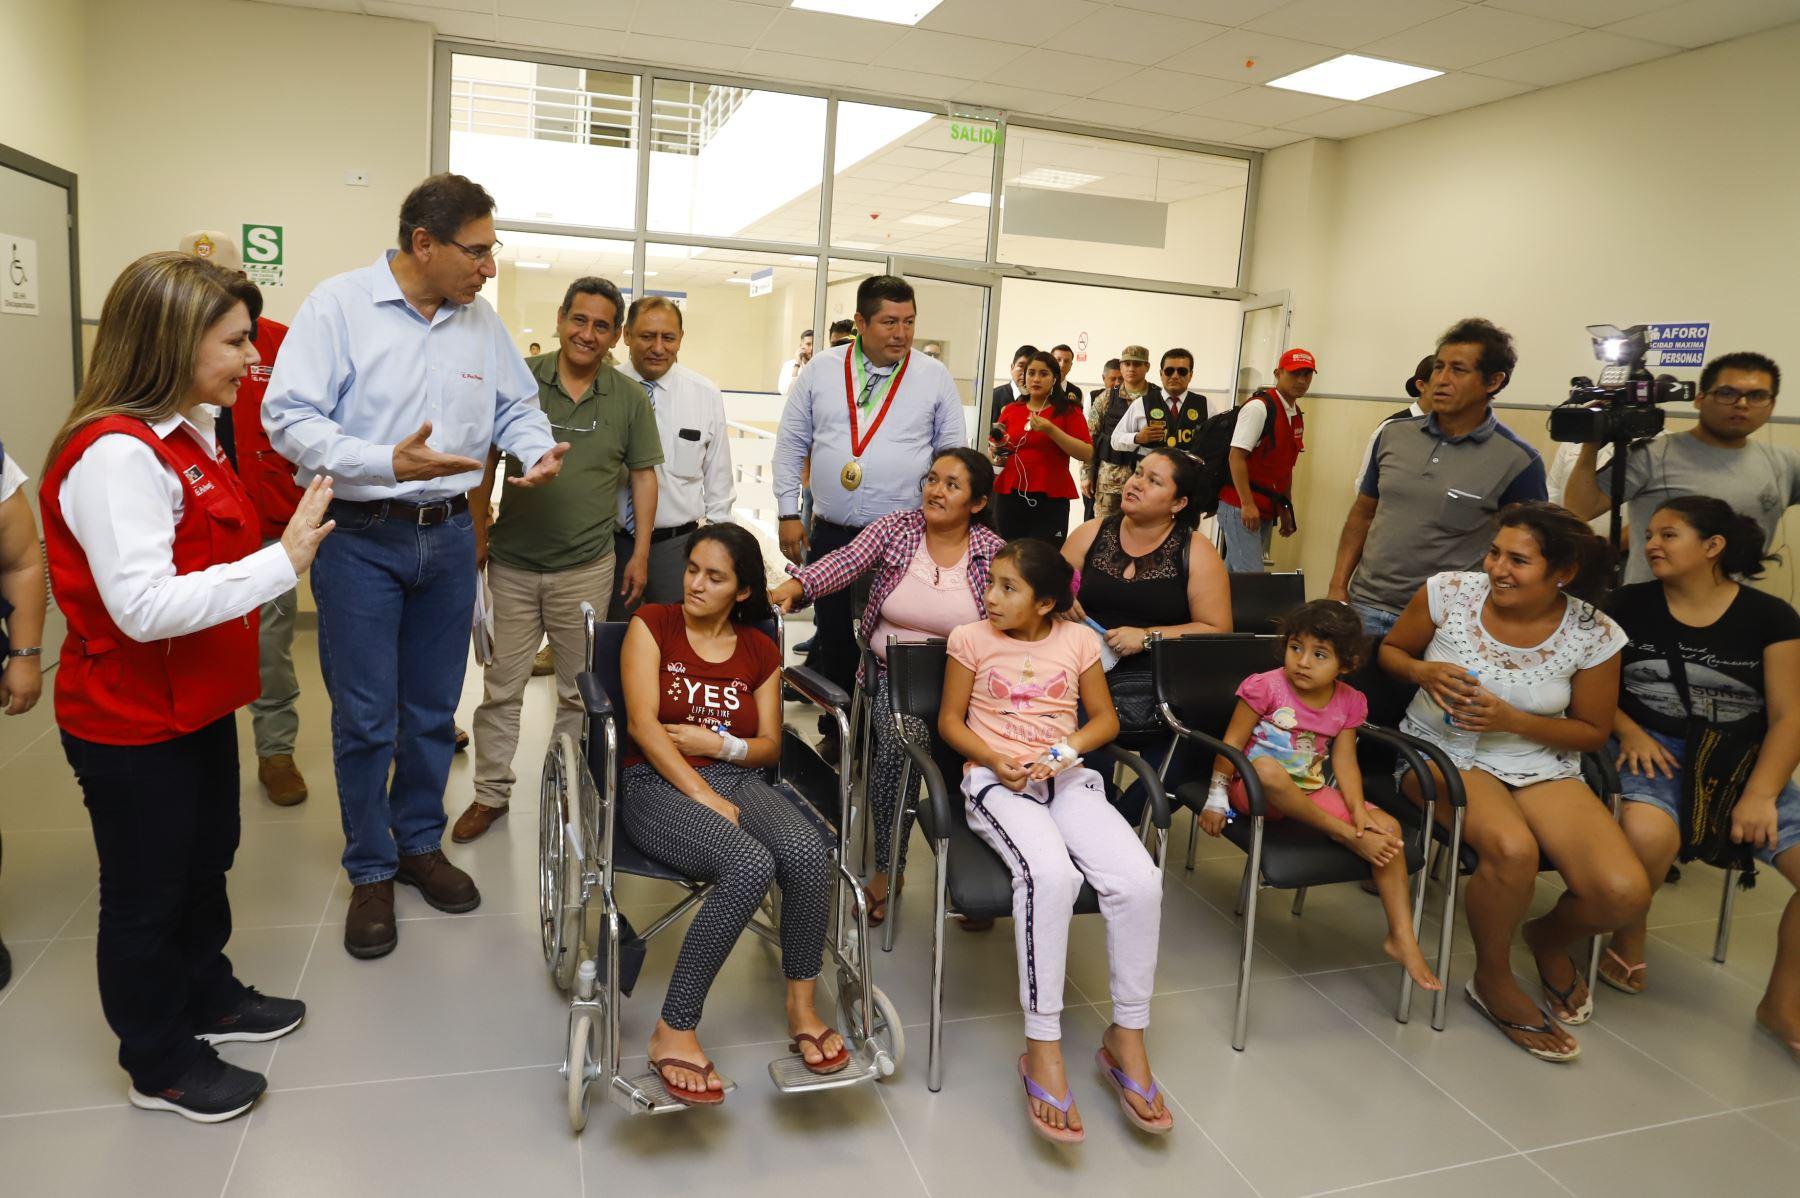 El nuevo hospital de Jaén pertenece a un proyecto iniciado en el 2014, en el que se han invertido más de S/ 156 millones para su construcción y equipamiento, y beneficia a más de 376 mil ciudadanos de manera directa, con una amplia cartera de servicios de salud a su disposición. Foto: ANDINA/ Prensa Presidencia